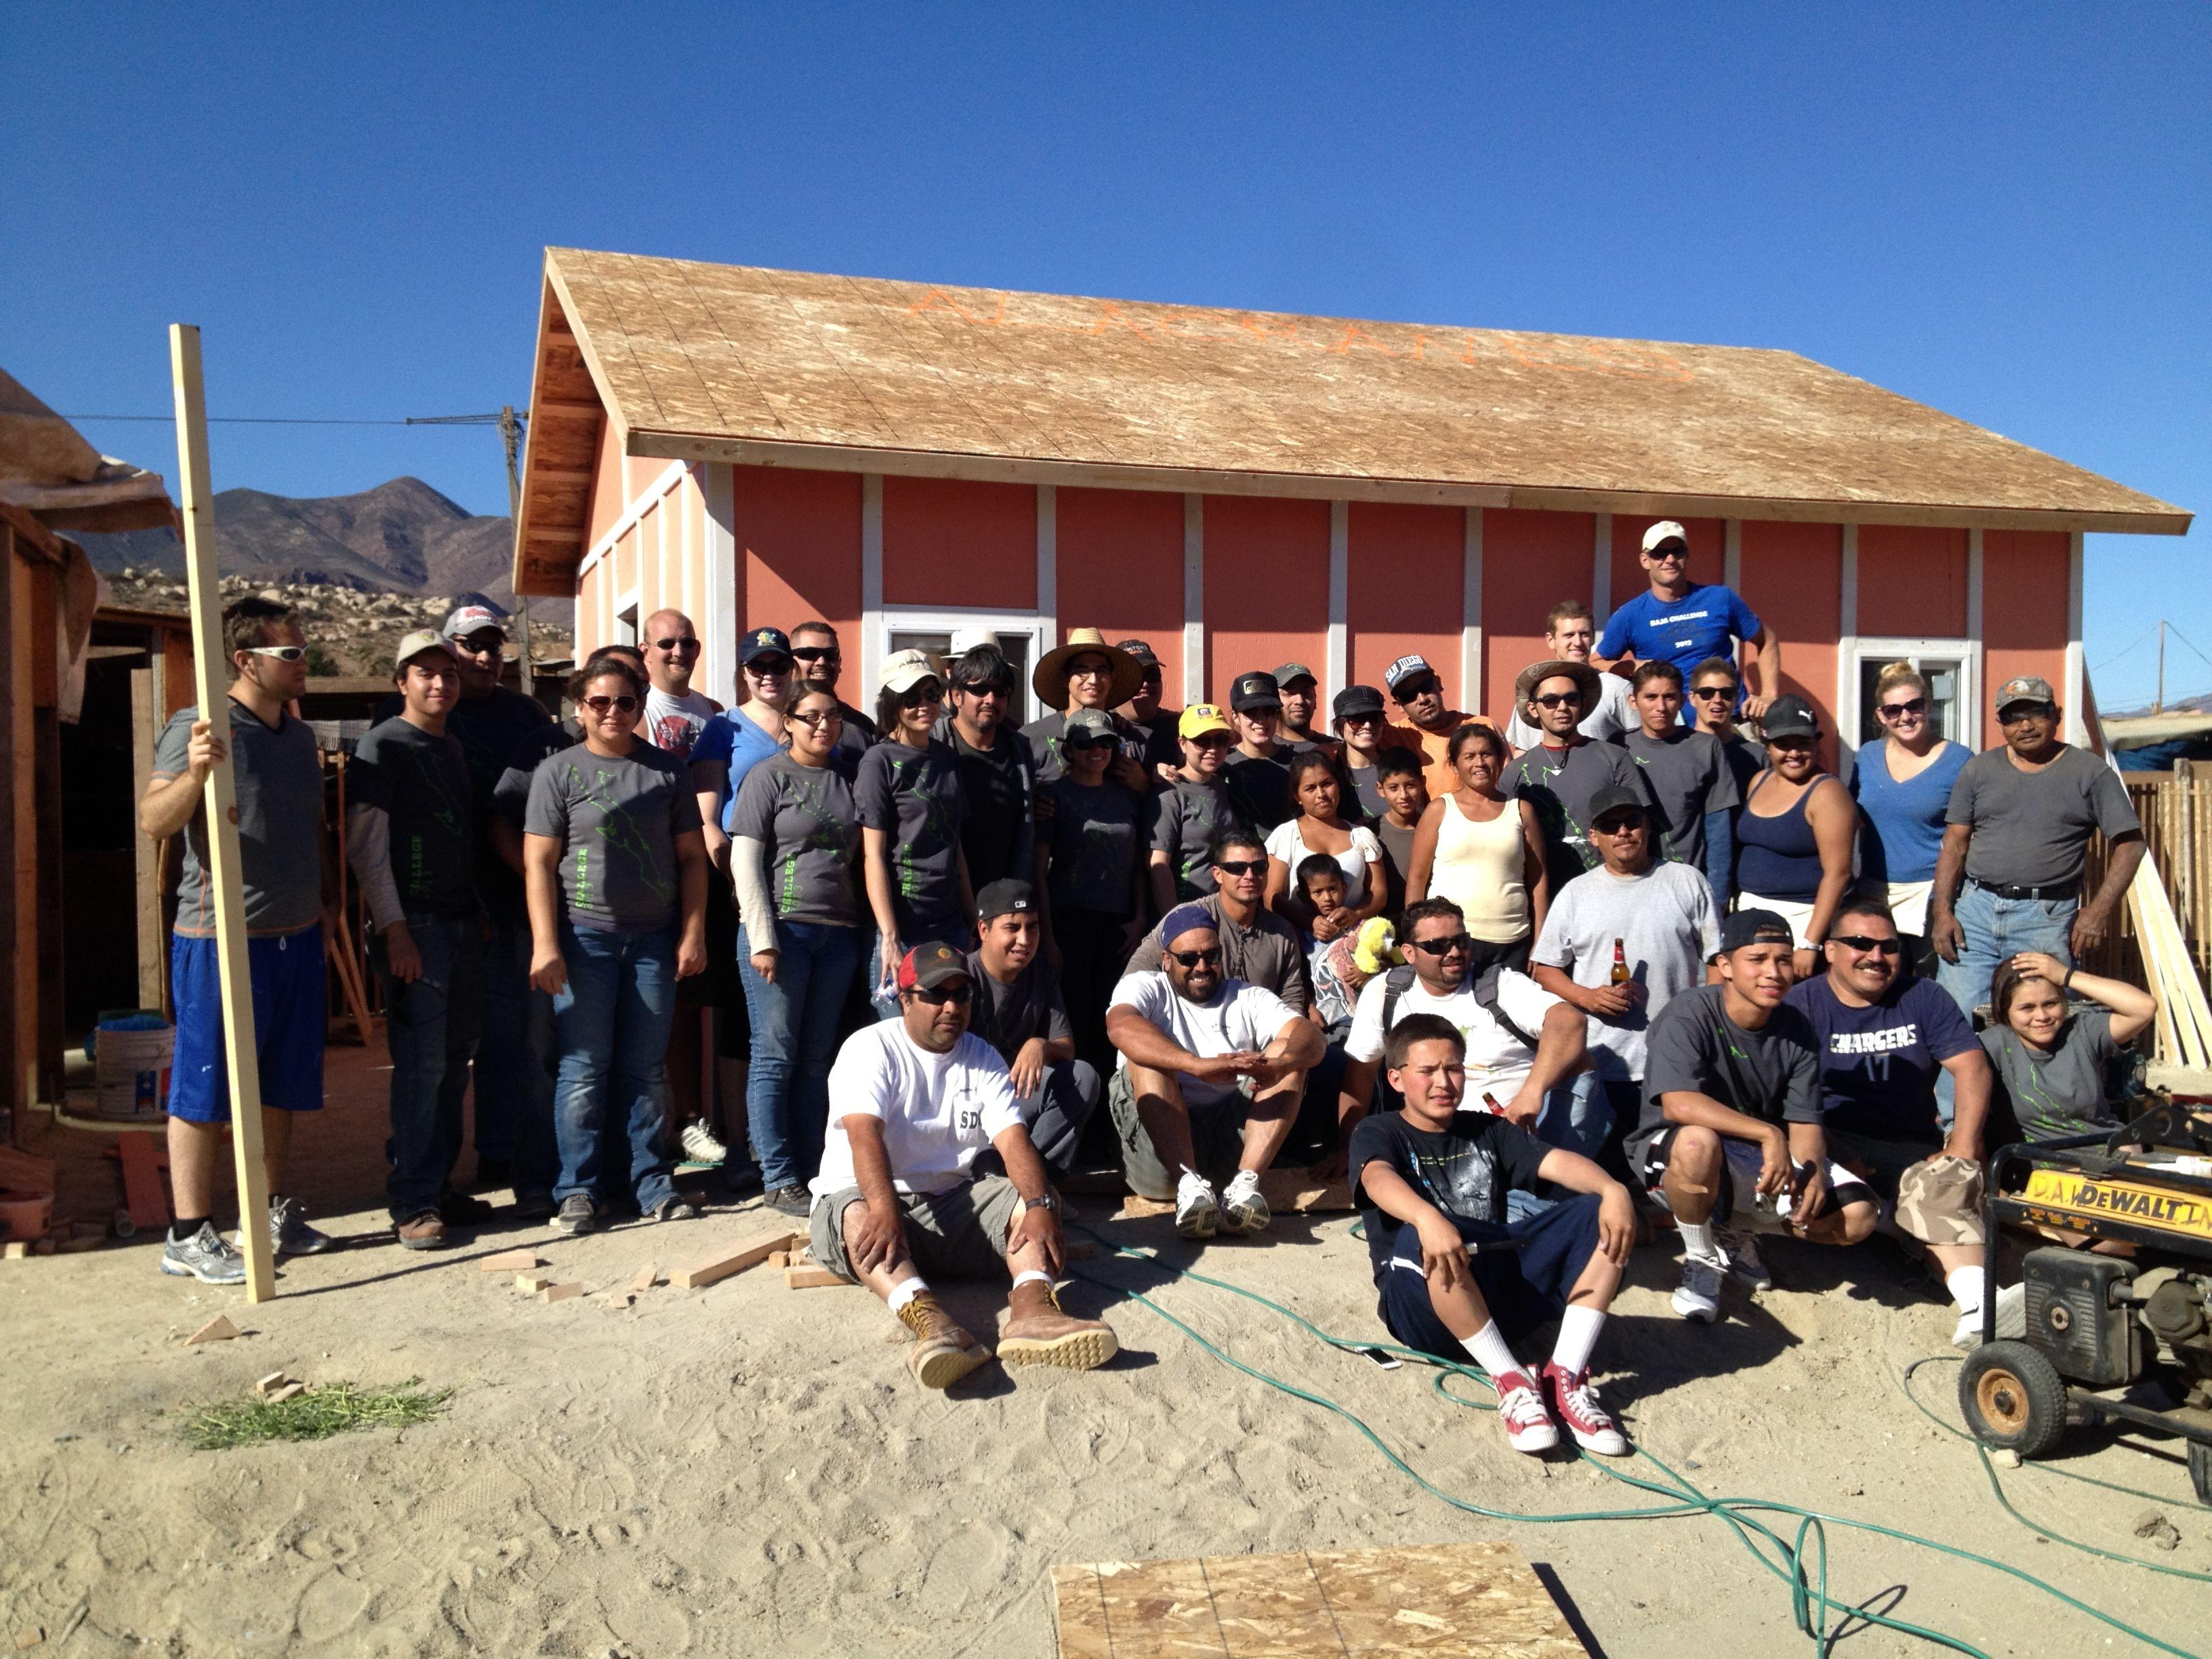 Baja challenge 2013 was a huge success